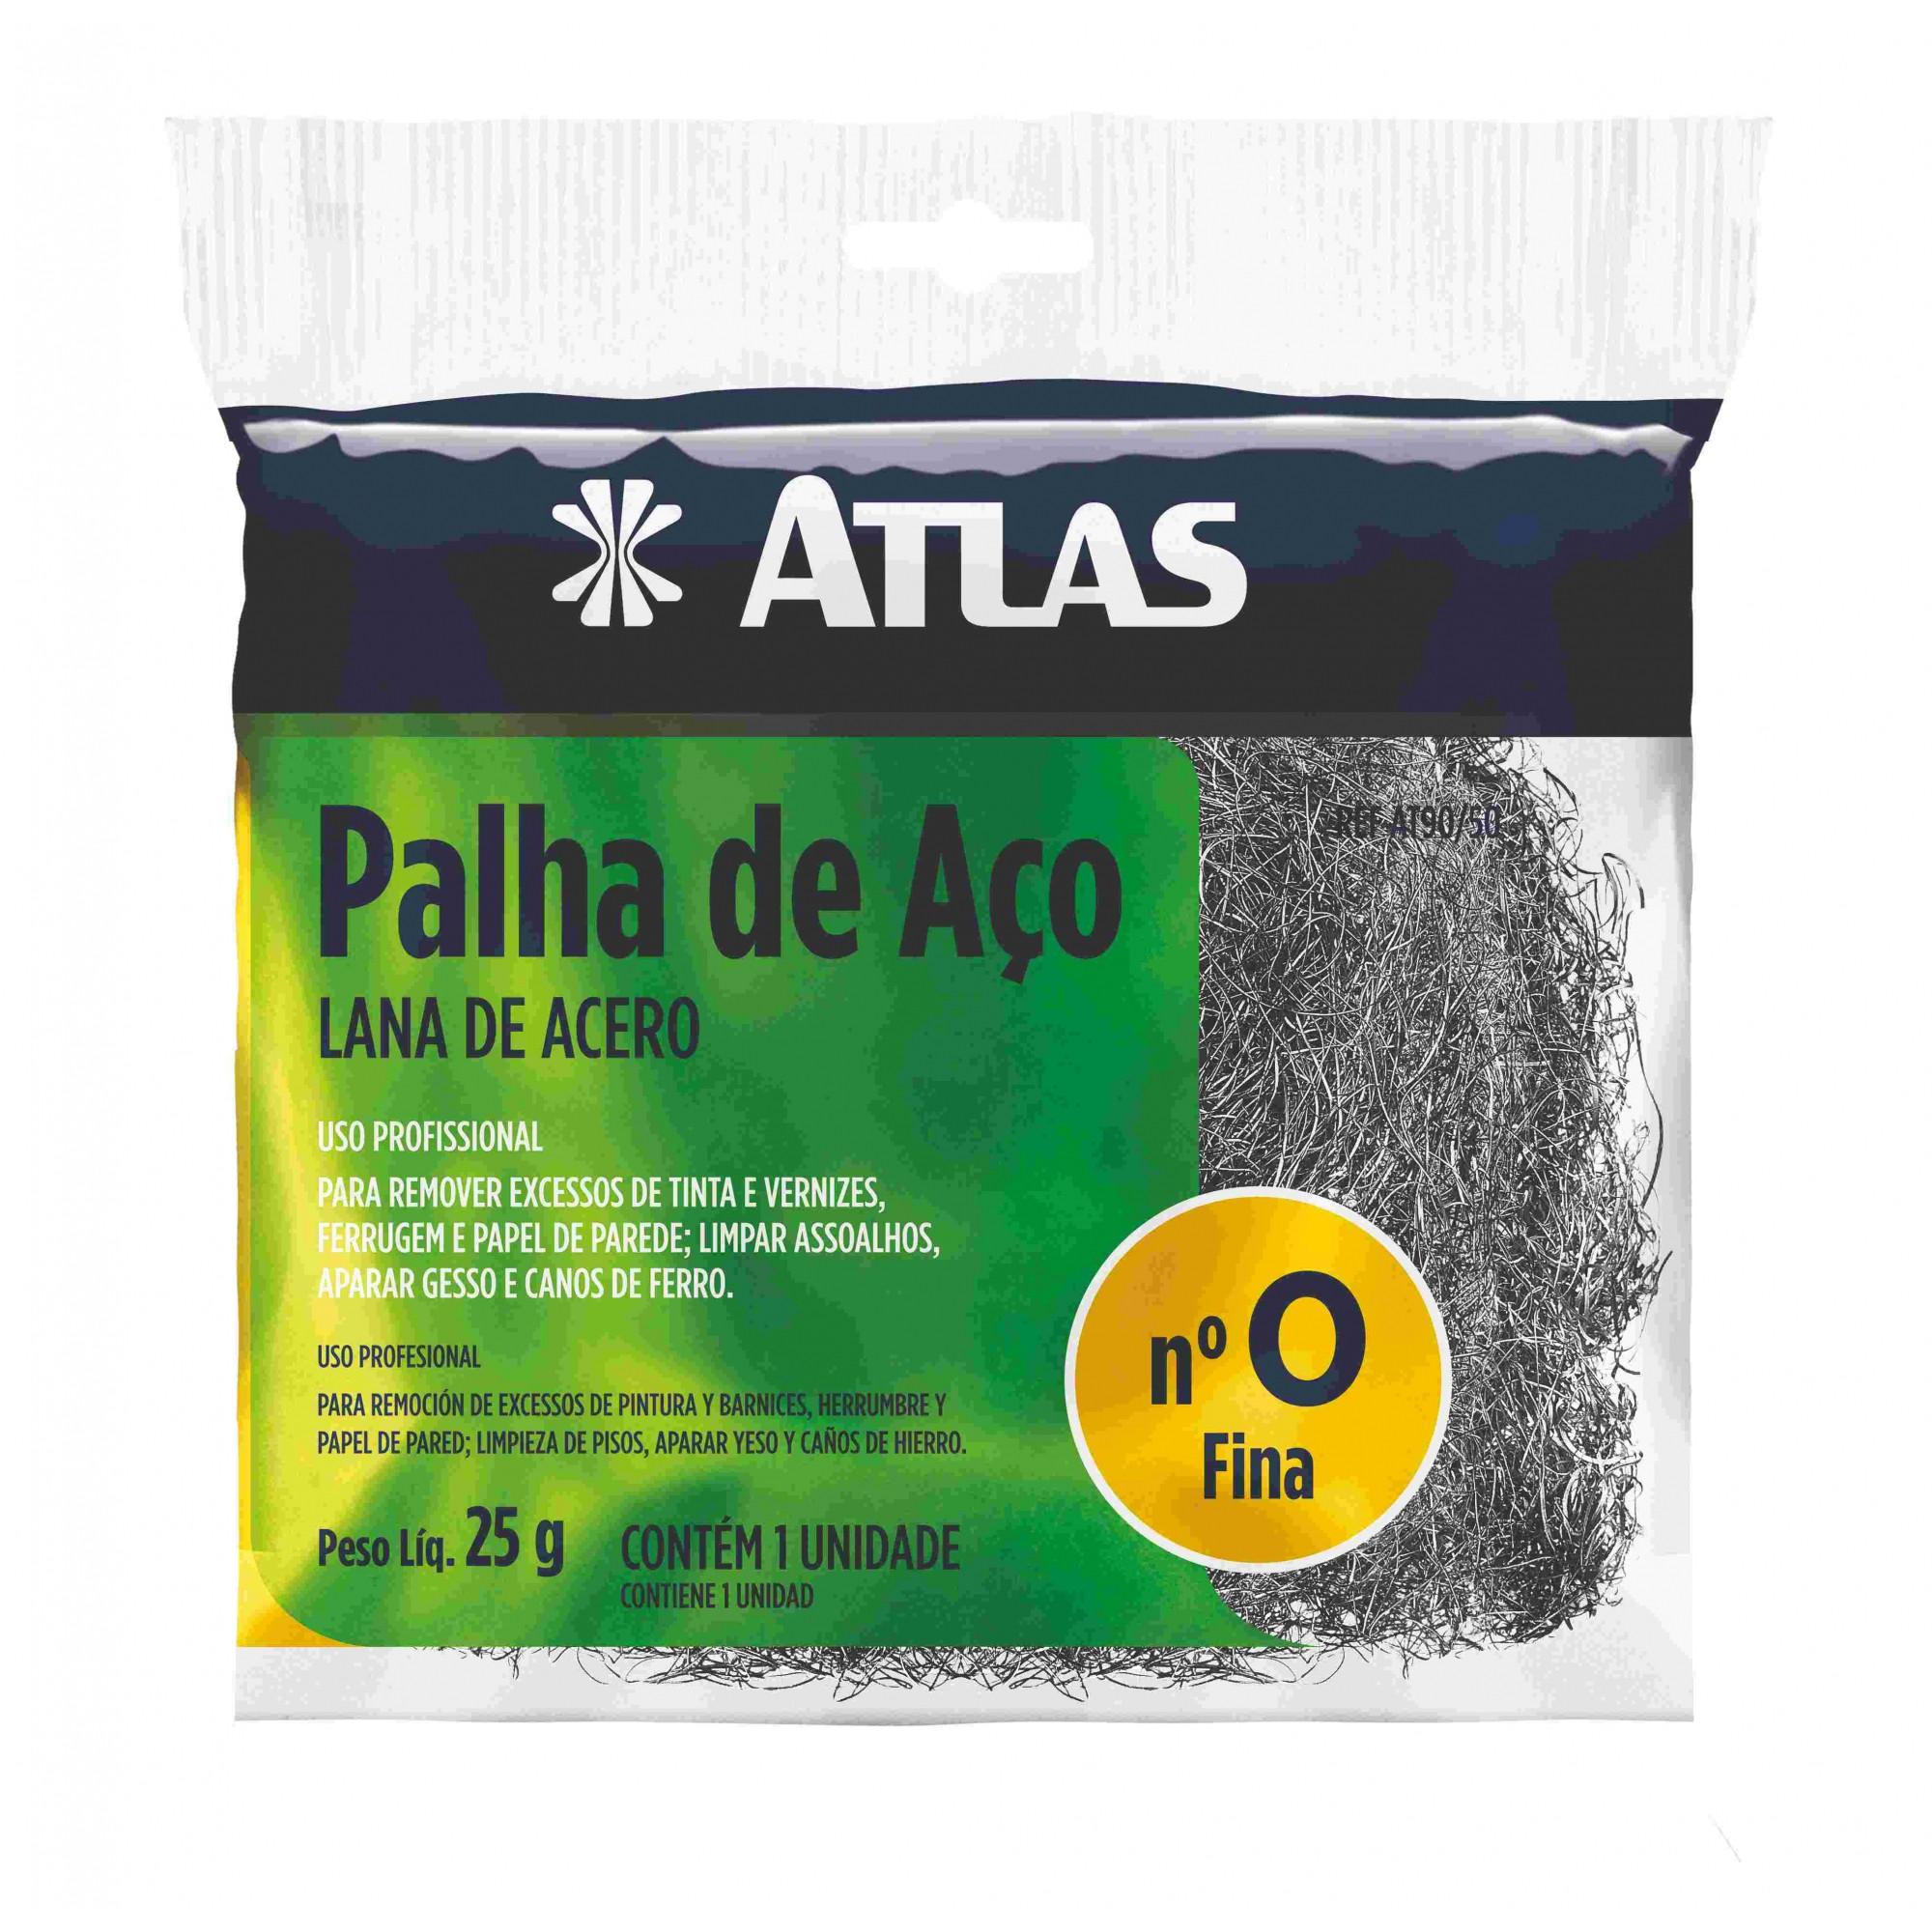 Palha de Aço Fina Atlas N° 0 AT90/50.